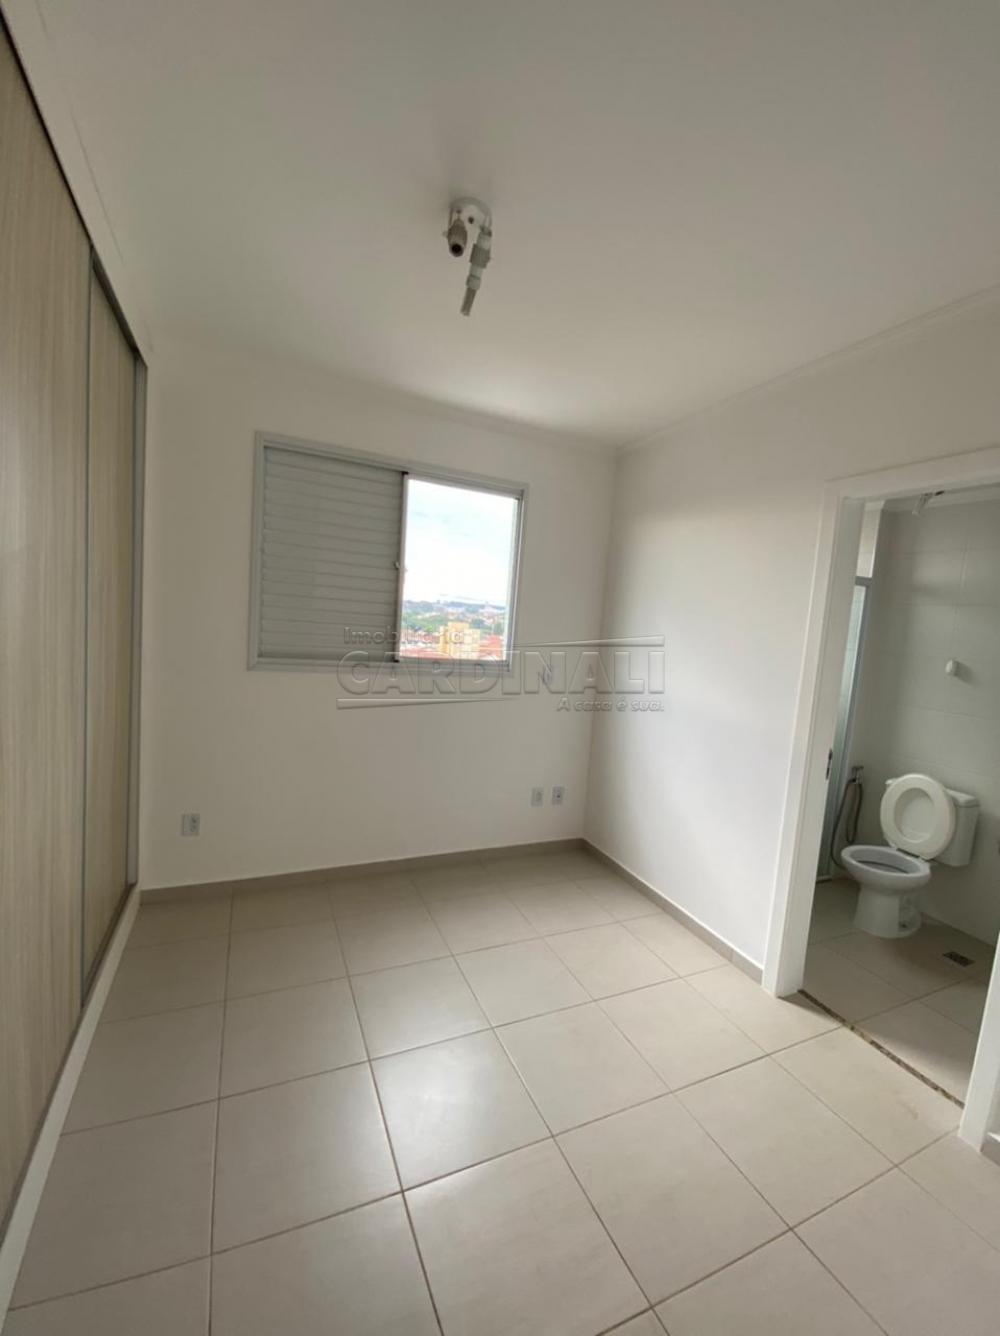 Alugar Apartamento / Padrão em São Carlos R$ 1.700,00 - Foto 3